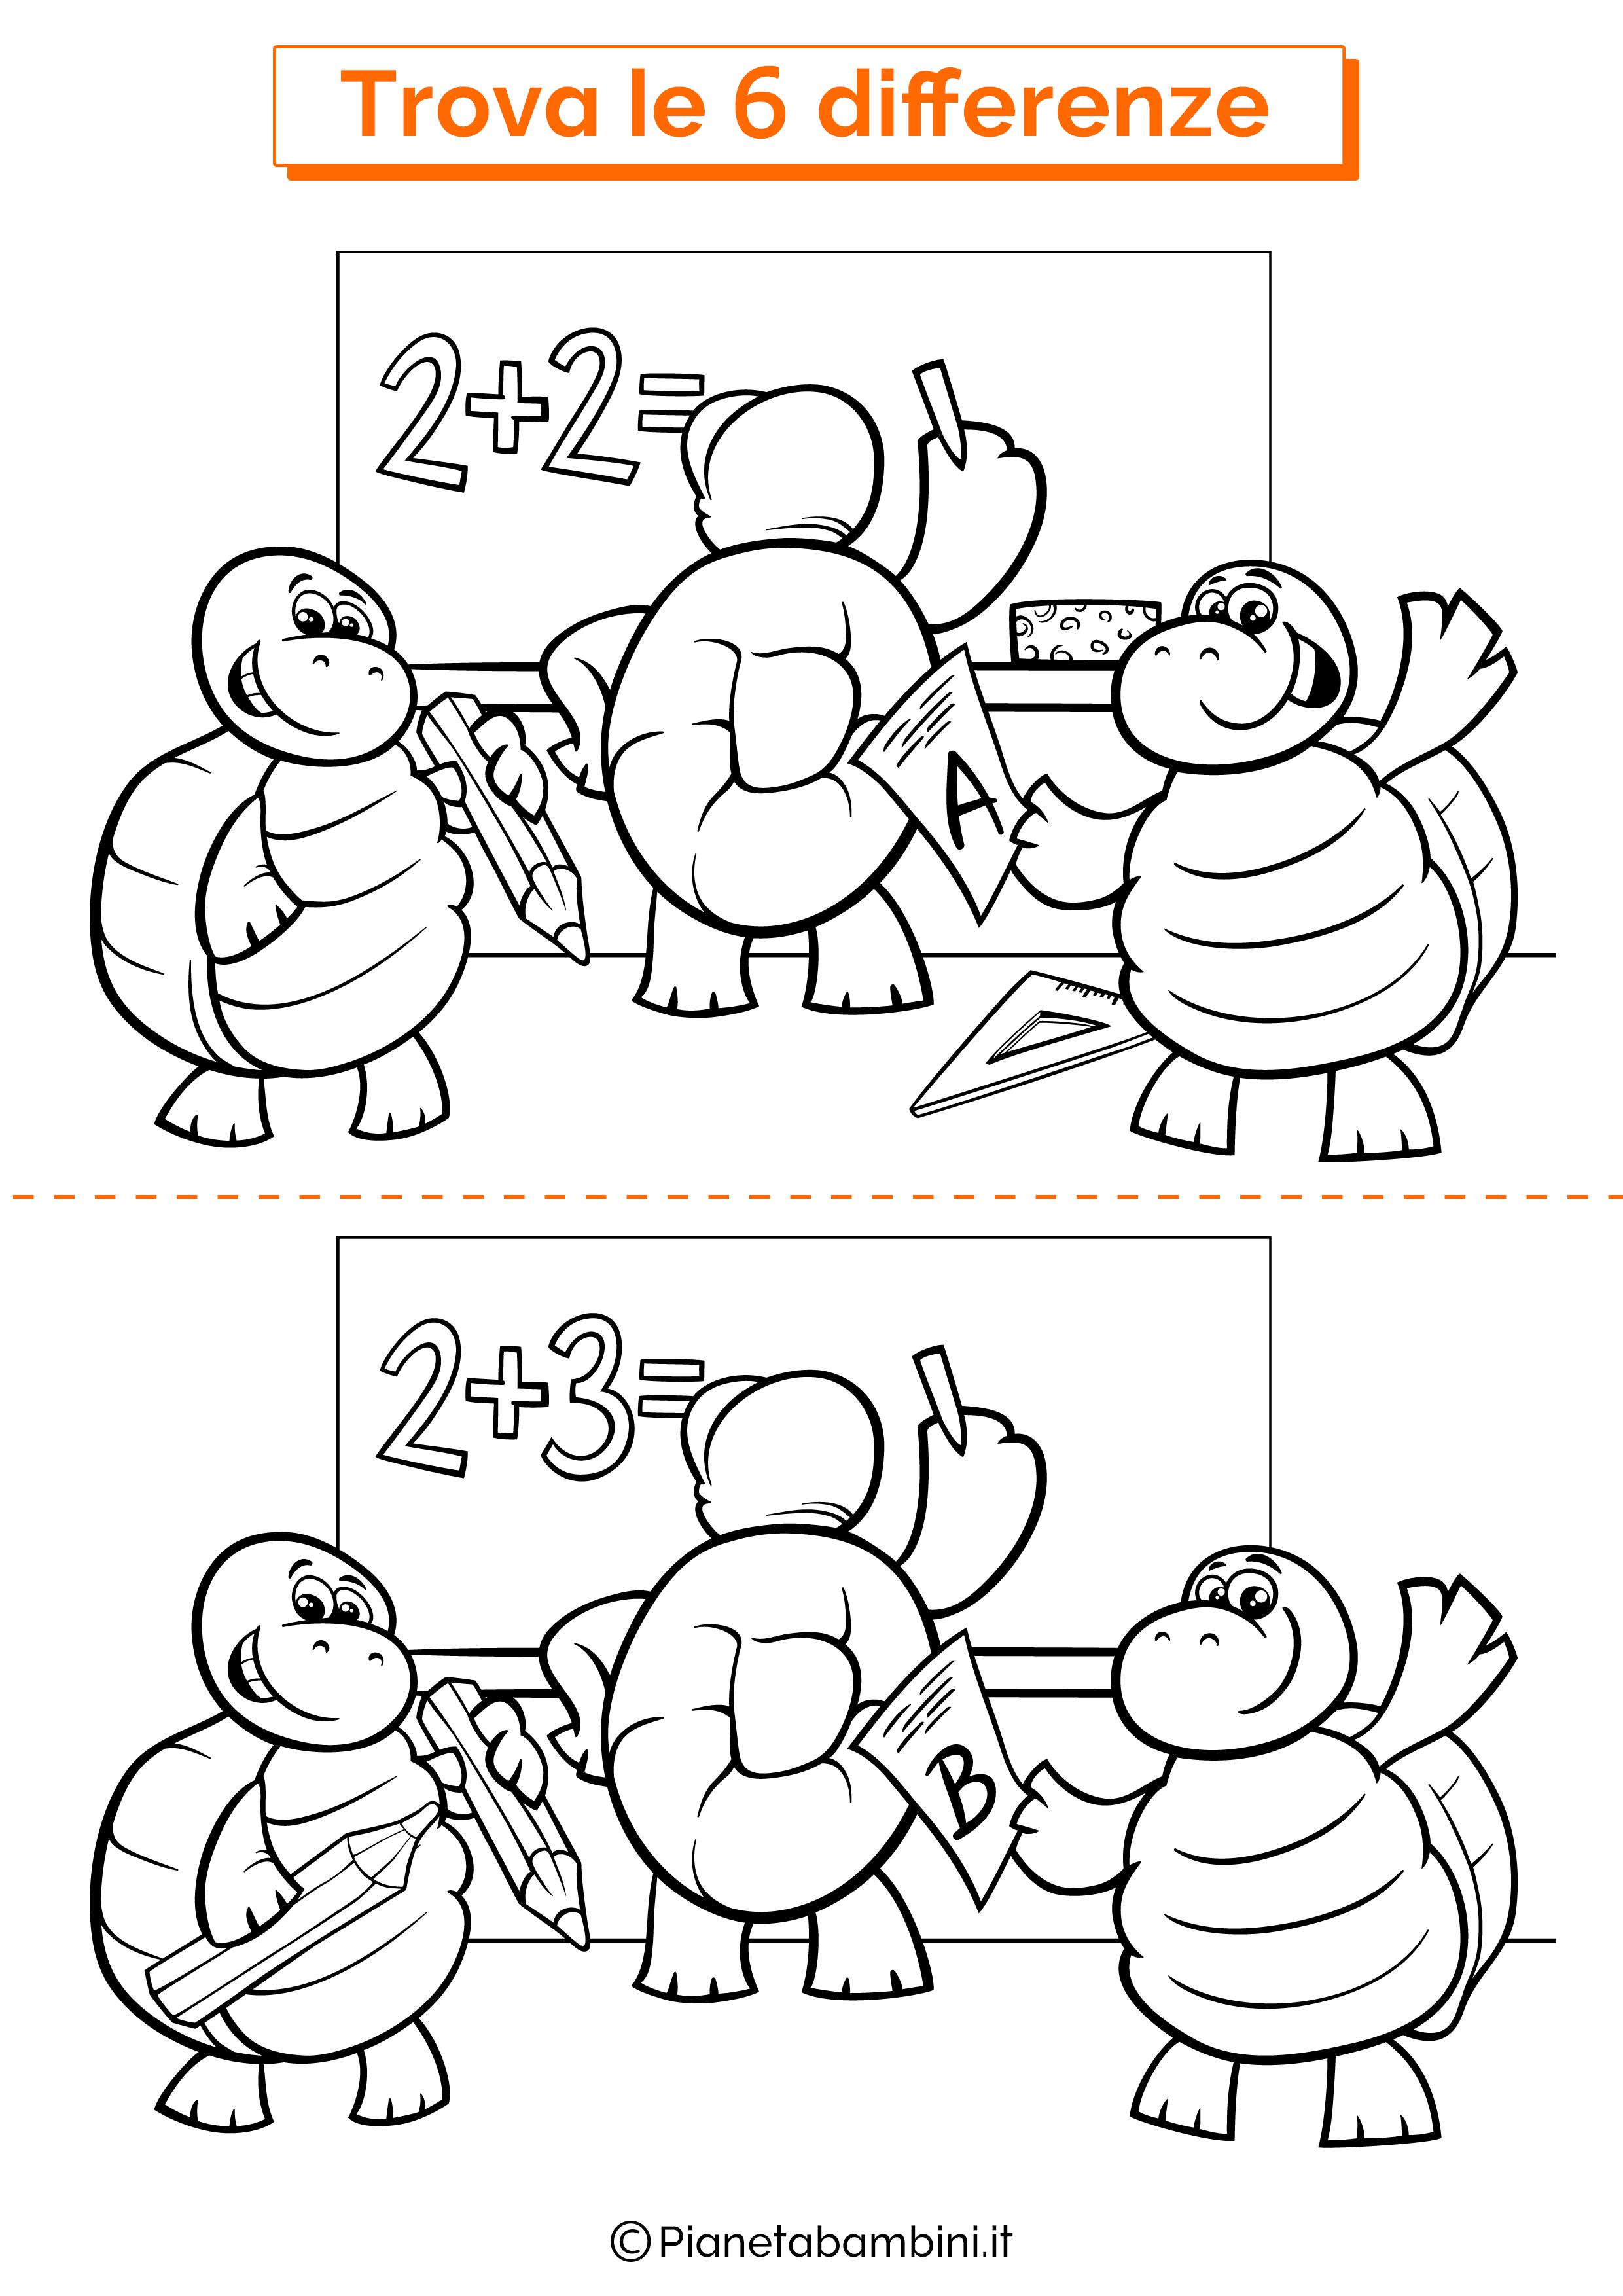 Disegno trova 6 differenze tartarughe